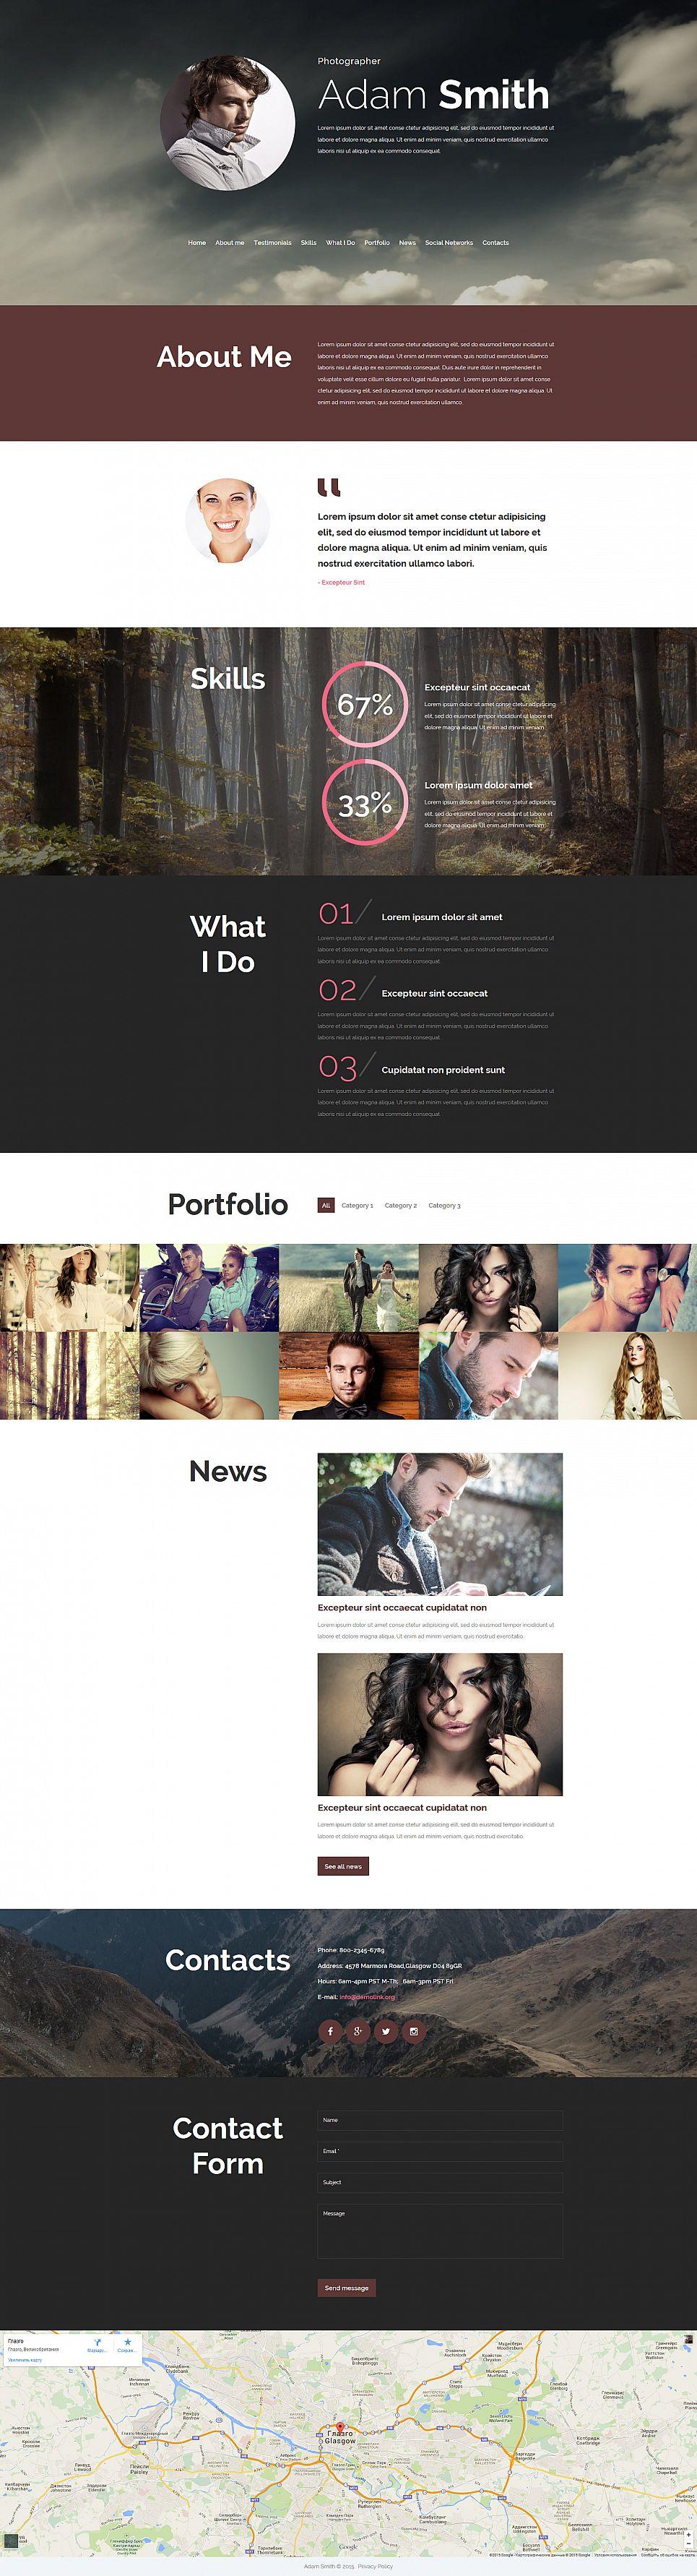 Online Photo Album Design - image